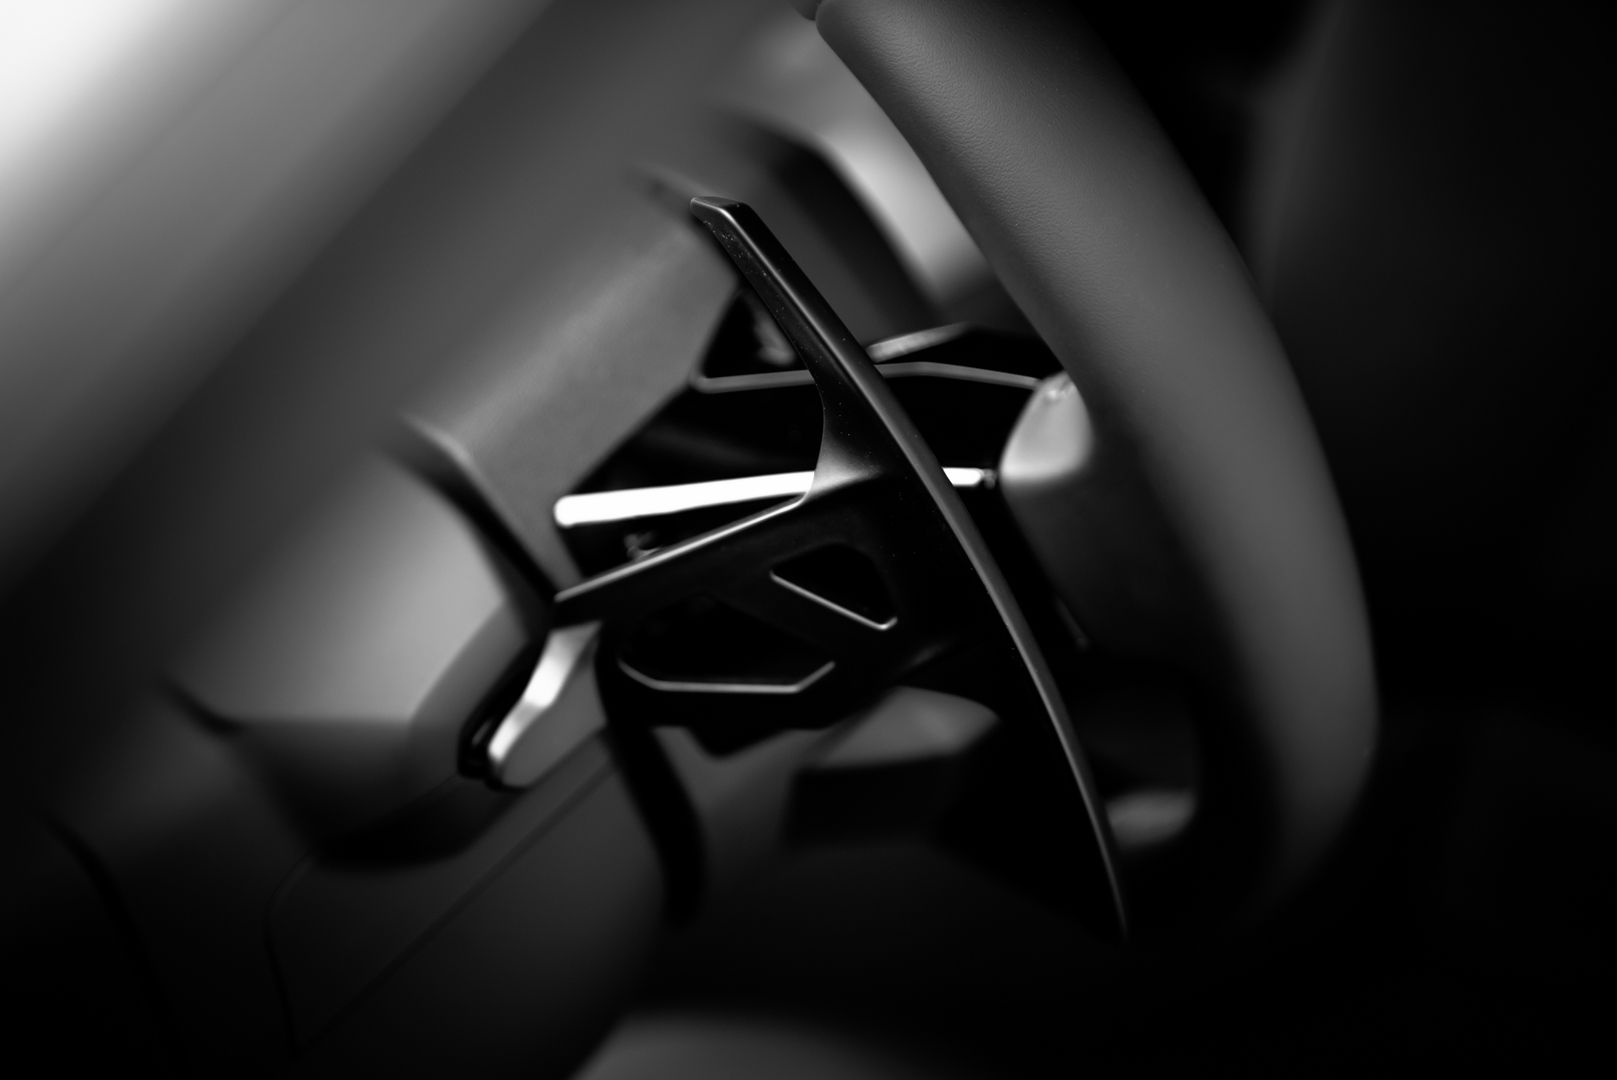 2021 Lamborghini Huracan EVO 70964